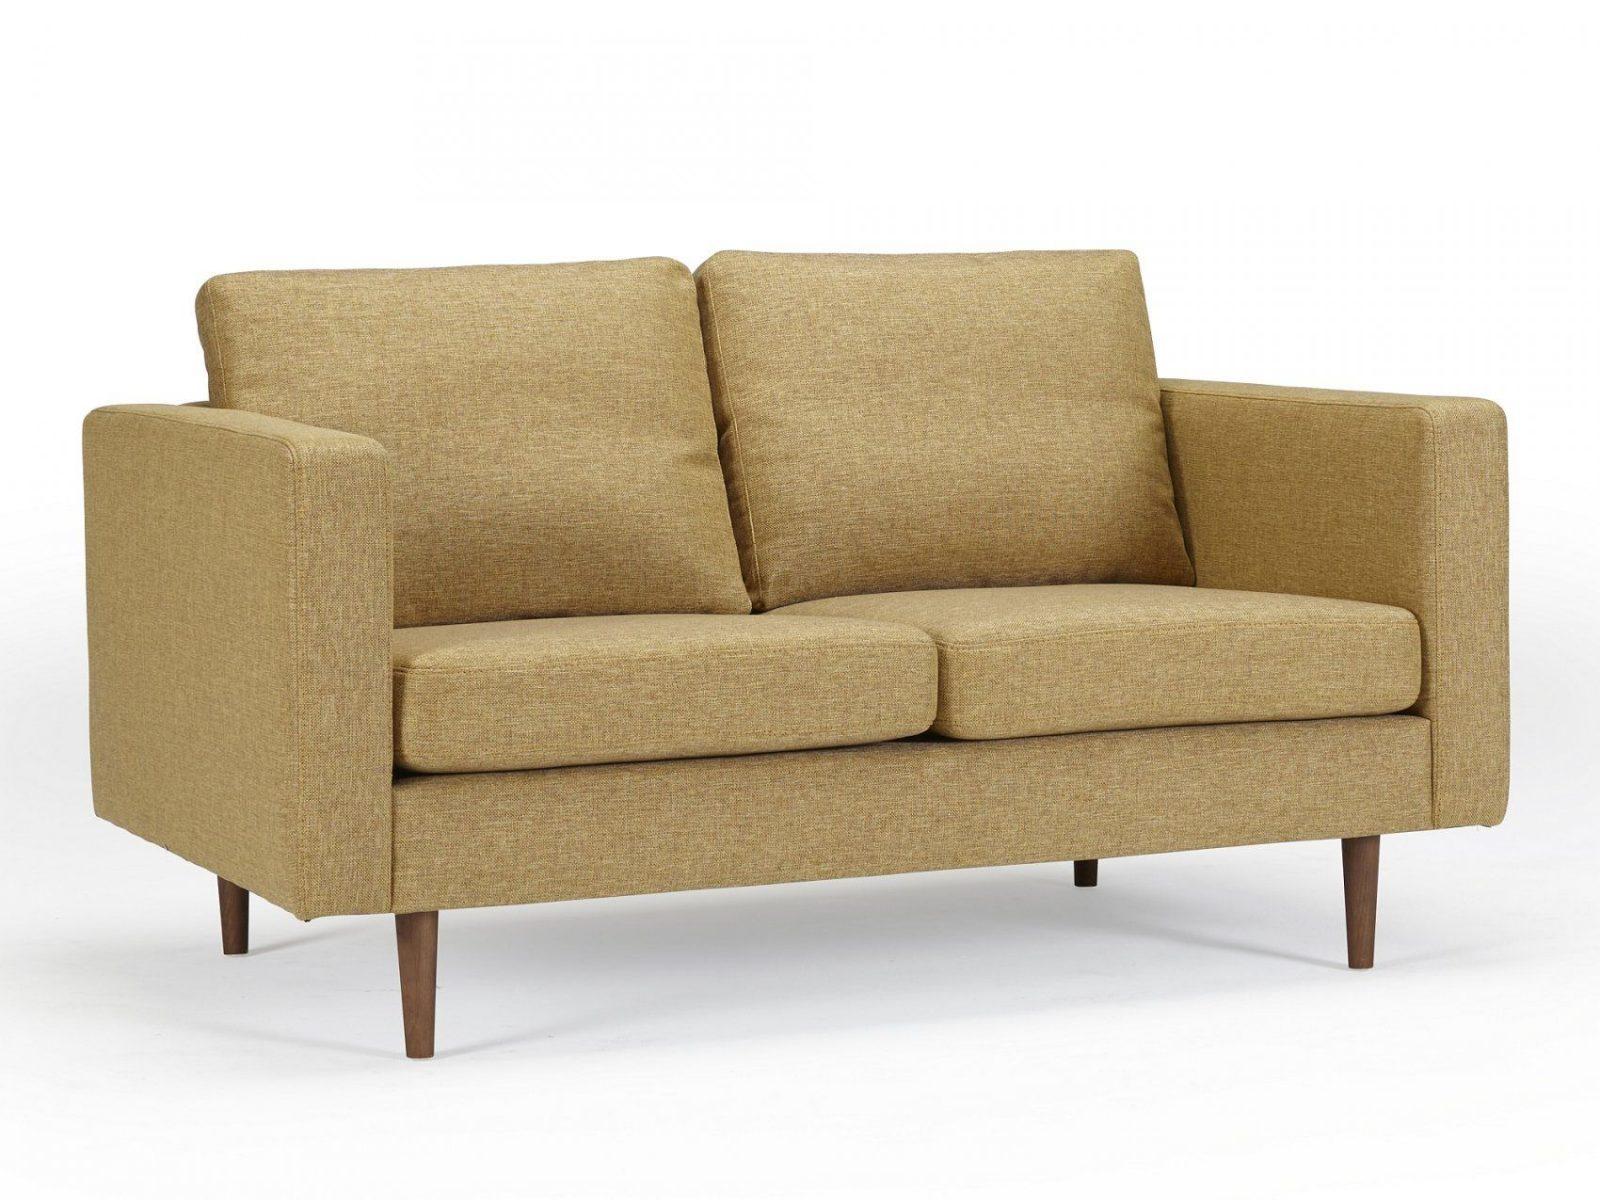 2Sitzer Sofa Otto Sitzen 2Sitzer von Otto 2 Sitzer Sofa Bild